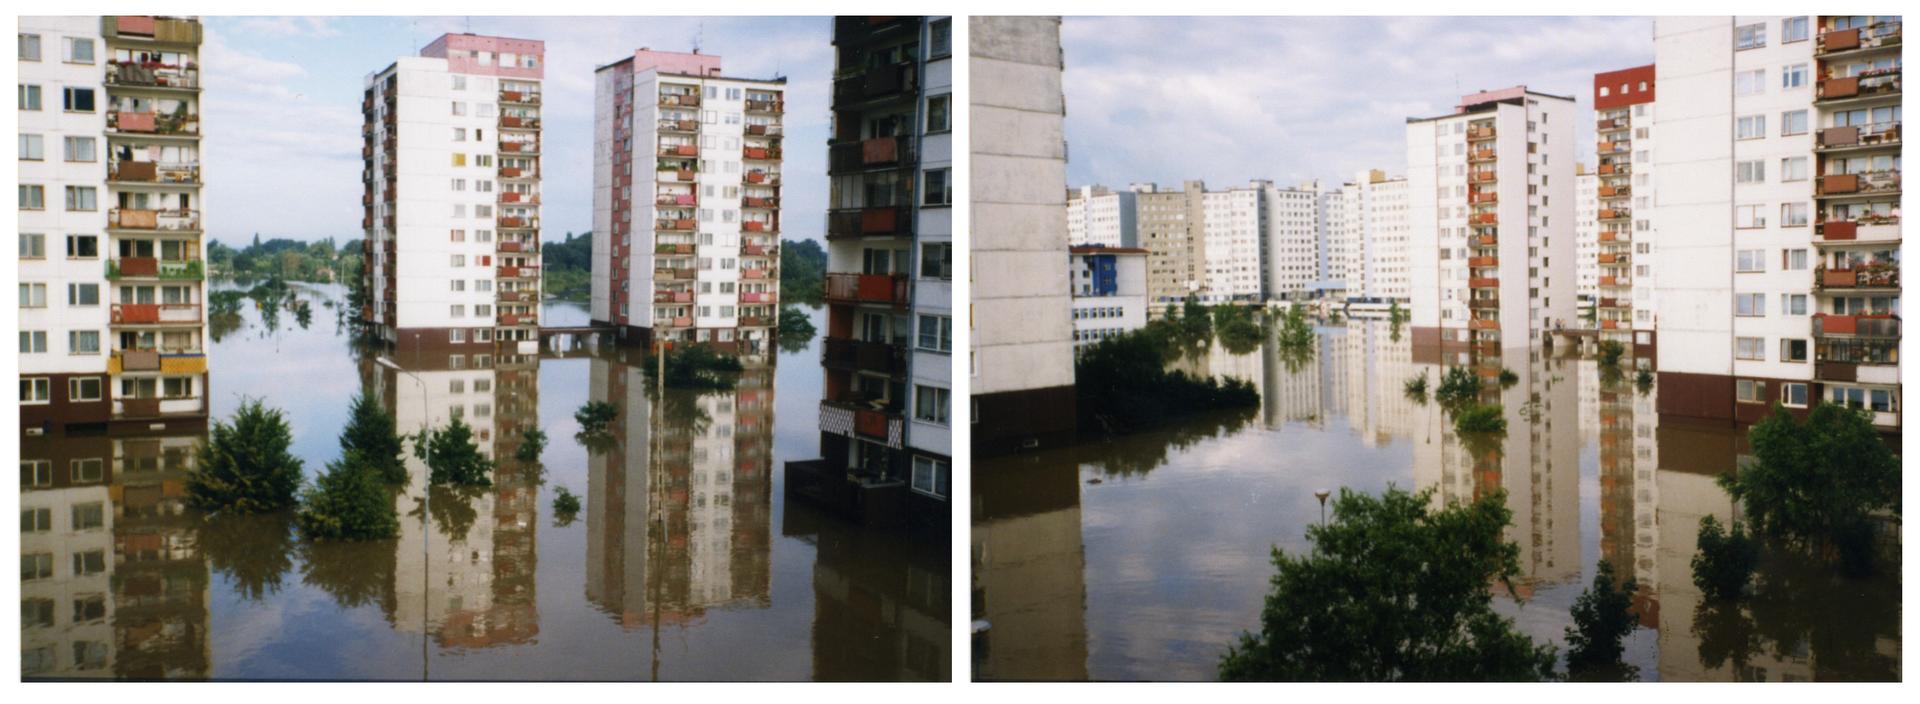 Ilustracja zawiera dwa zdjęcia przedstawiające miasto podczas powodzi na przykładzie Wrocławia latem tysiąc dziewięćset dziewięćdziesiątego siódmego roku. Oba zdjęcia przedstawiają to samo miejsce zróżnych ujęć. Słoneczny dzień, osiedle bloków zwielkiej płyty. Zdjęcie po lewej stronie ma na pierwszym planie zalane trawniki iścieżki na osiedlu miejskim. Nad powierzchnią wody widoczne zielone korony drzew. Na lewo wysoki dziesięciopiętrowy blok. Wtle dwa takie same bloki. Na prawo widoczny fragment czwartego bloku. Wtle domy idrzewa. Prawe zdjęcie pokazuje na pierwszym planie zalane trawniki idrzewa. Nad powierzchnią wody widoczne tylko korony drzew. Wtle osiedle wysokich dziesięciopiętrowych bloków. Bloki gęsto zabudowane obok siebie. Na lewym iprawym zdjęciu bloki pomalowane na biało. Wwodzie odbicia bloków ibiałych chmur. Woda sięga do balkonów na parterze budynków.